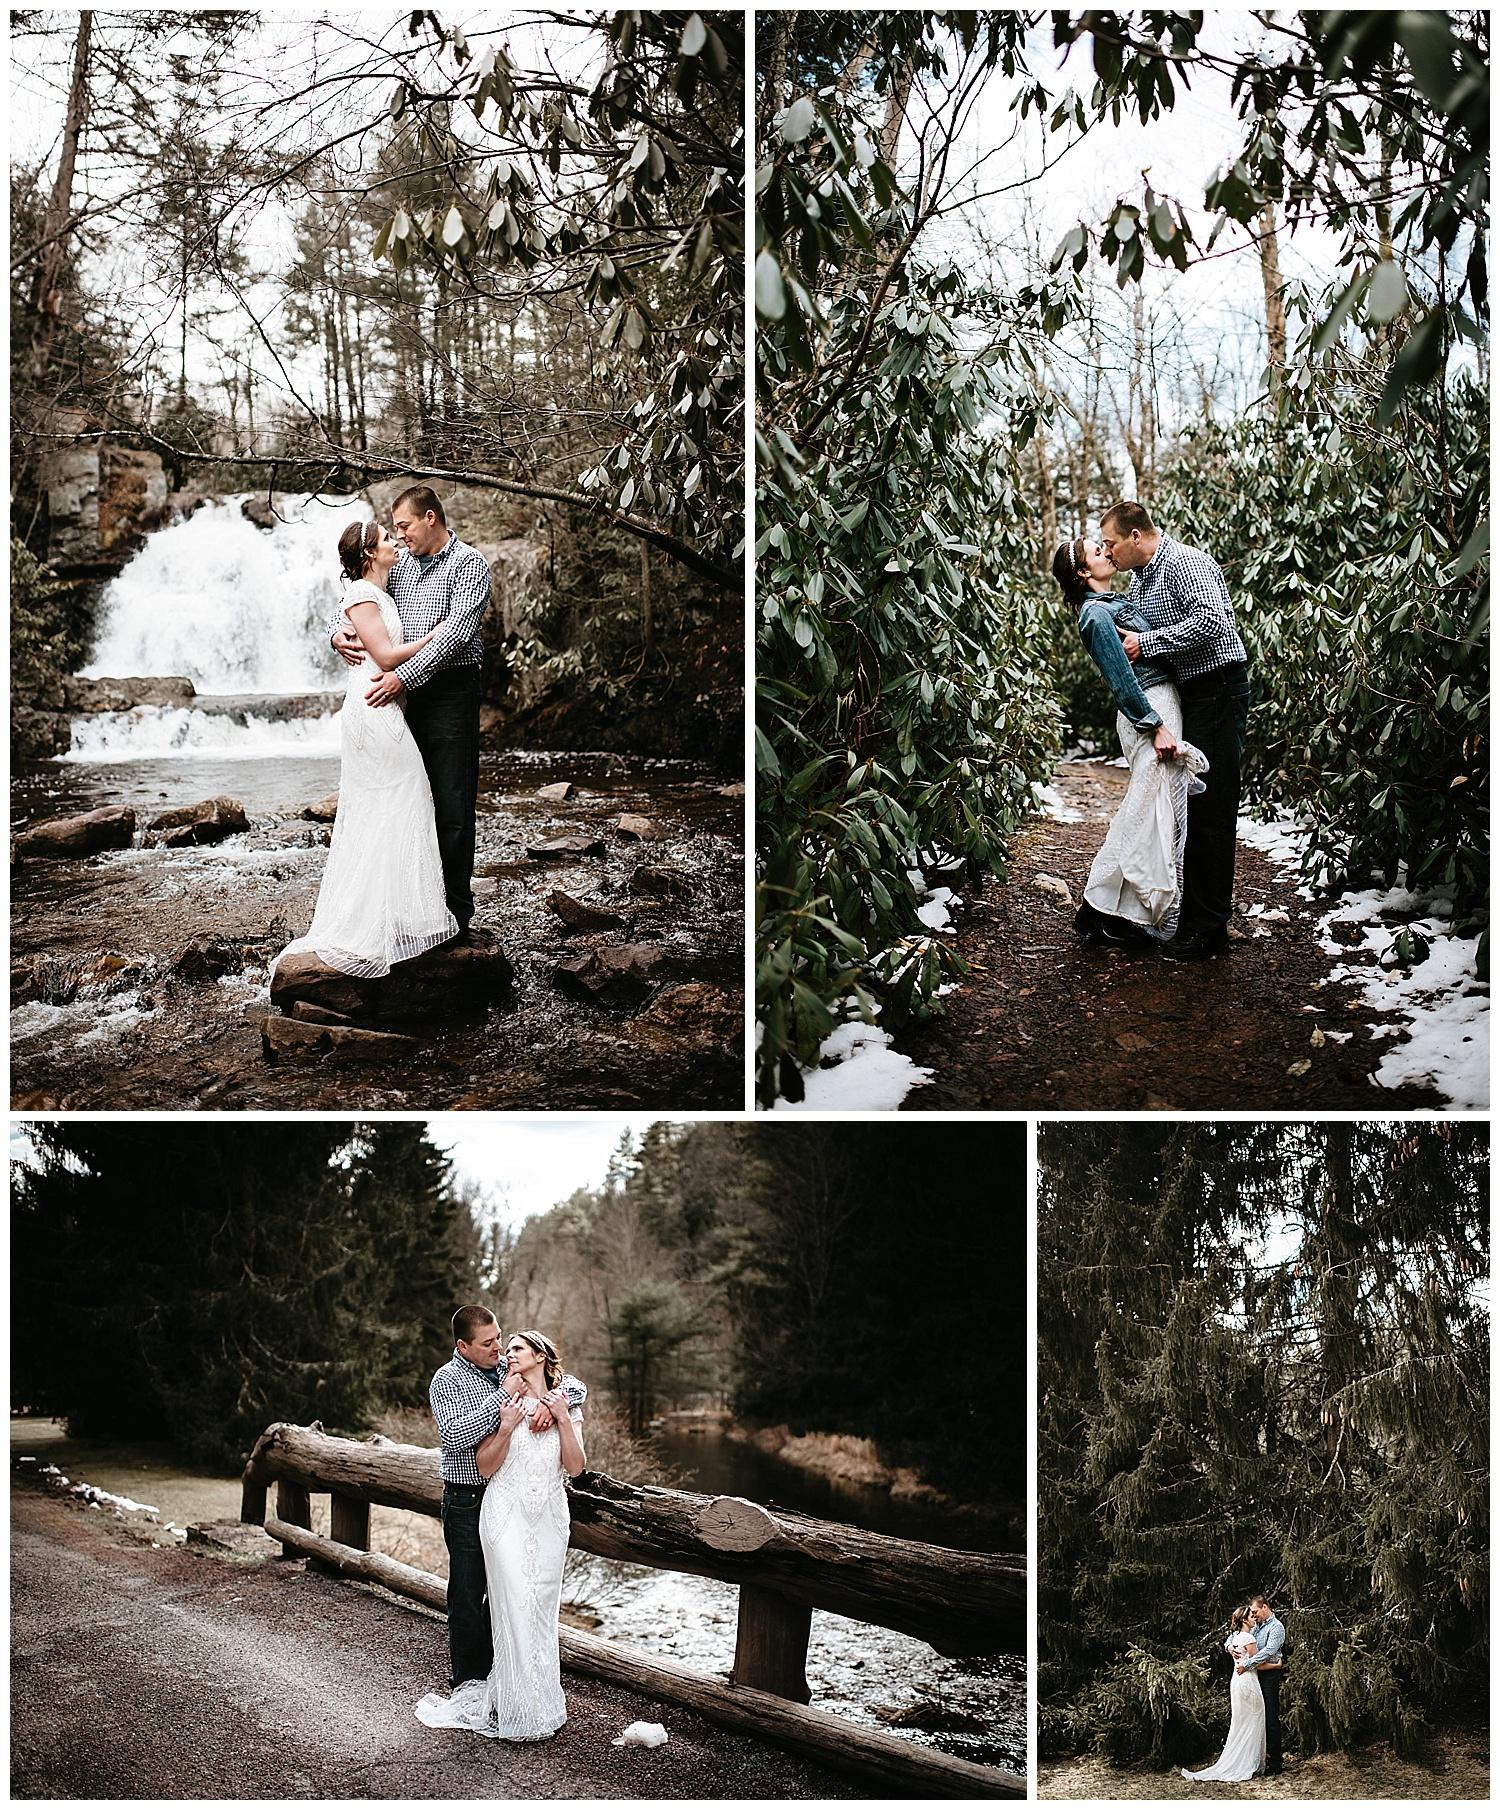 NEPA-Wedding-Engagement-photographer-hickory-run-state-park-hawk-falls-elopement_0033.jpg